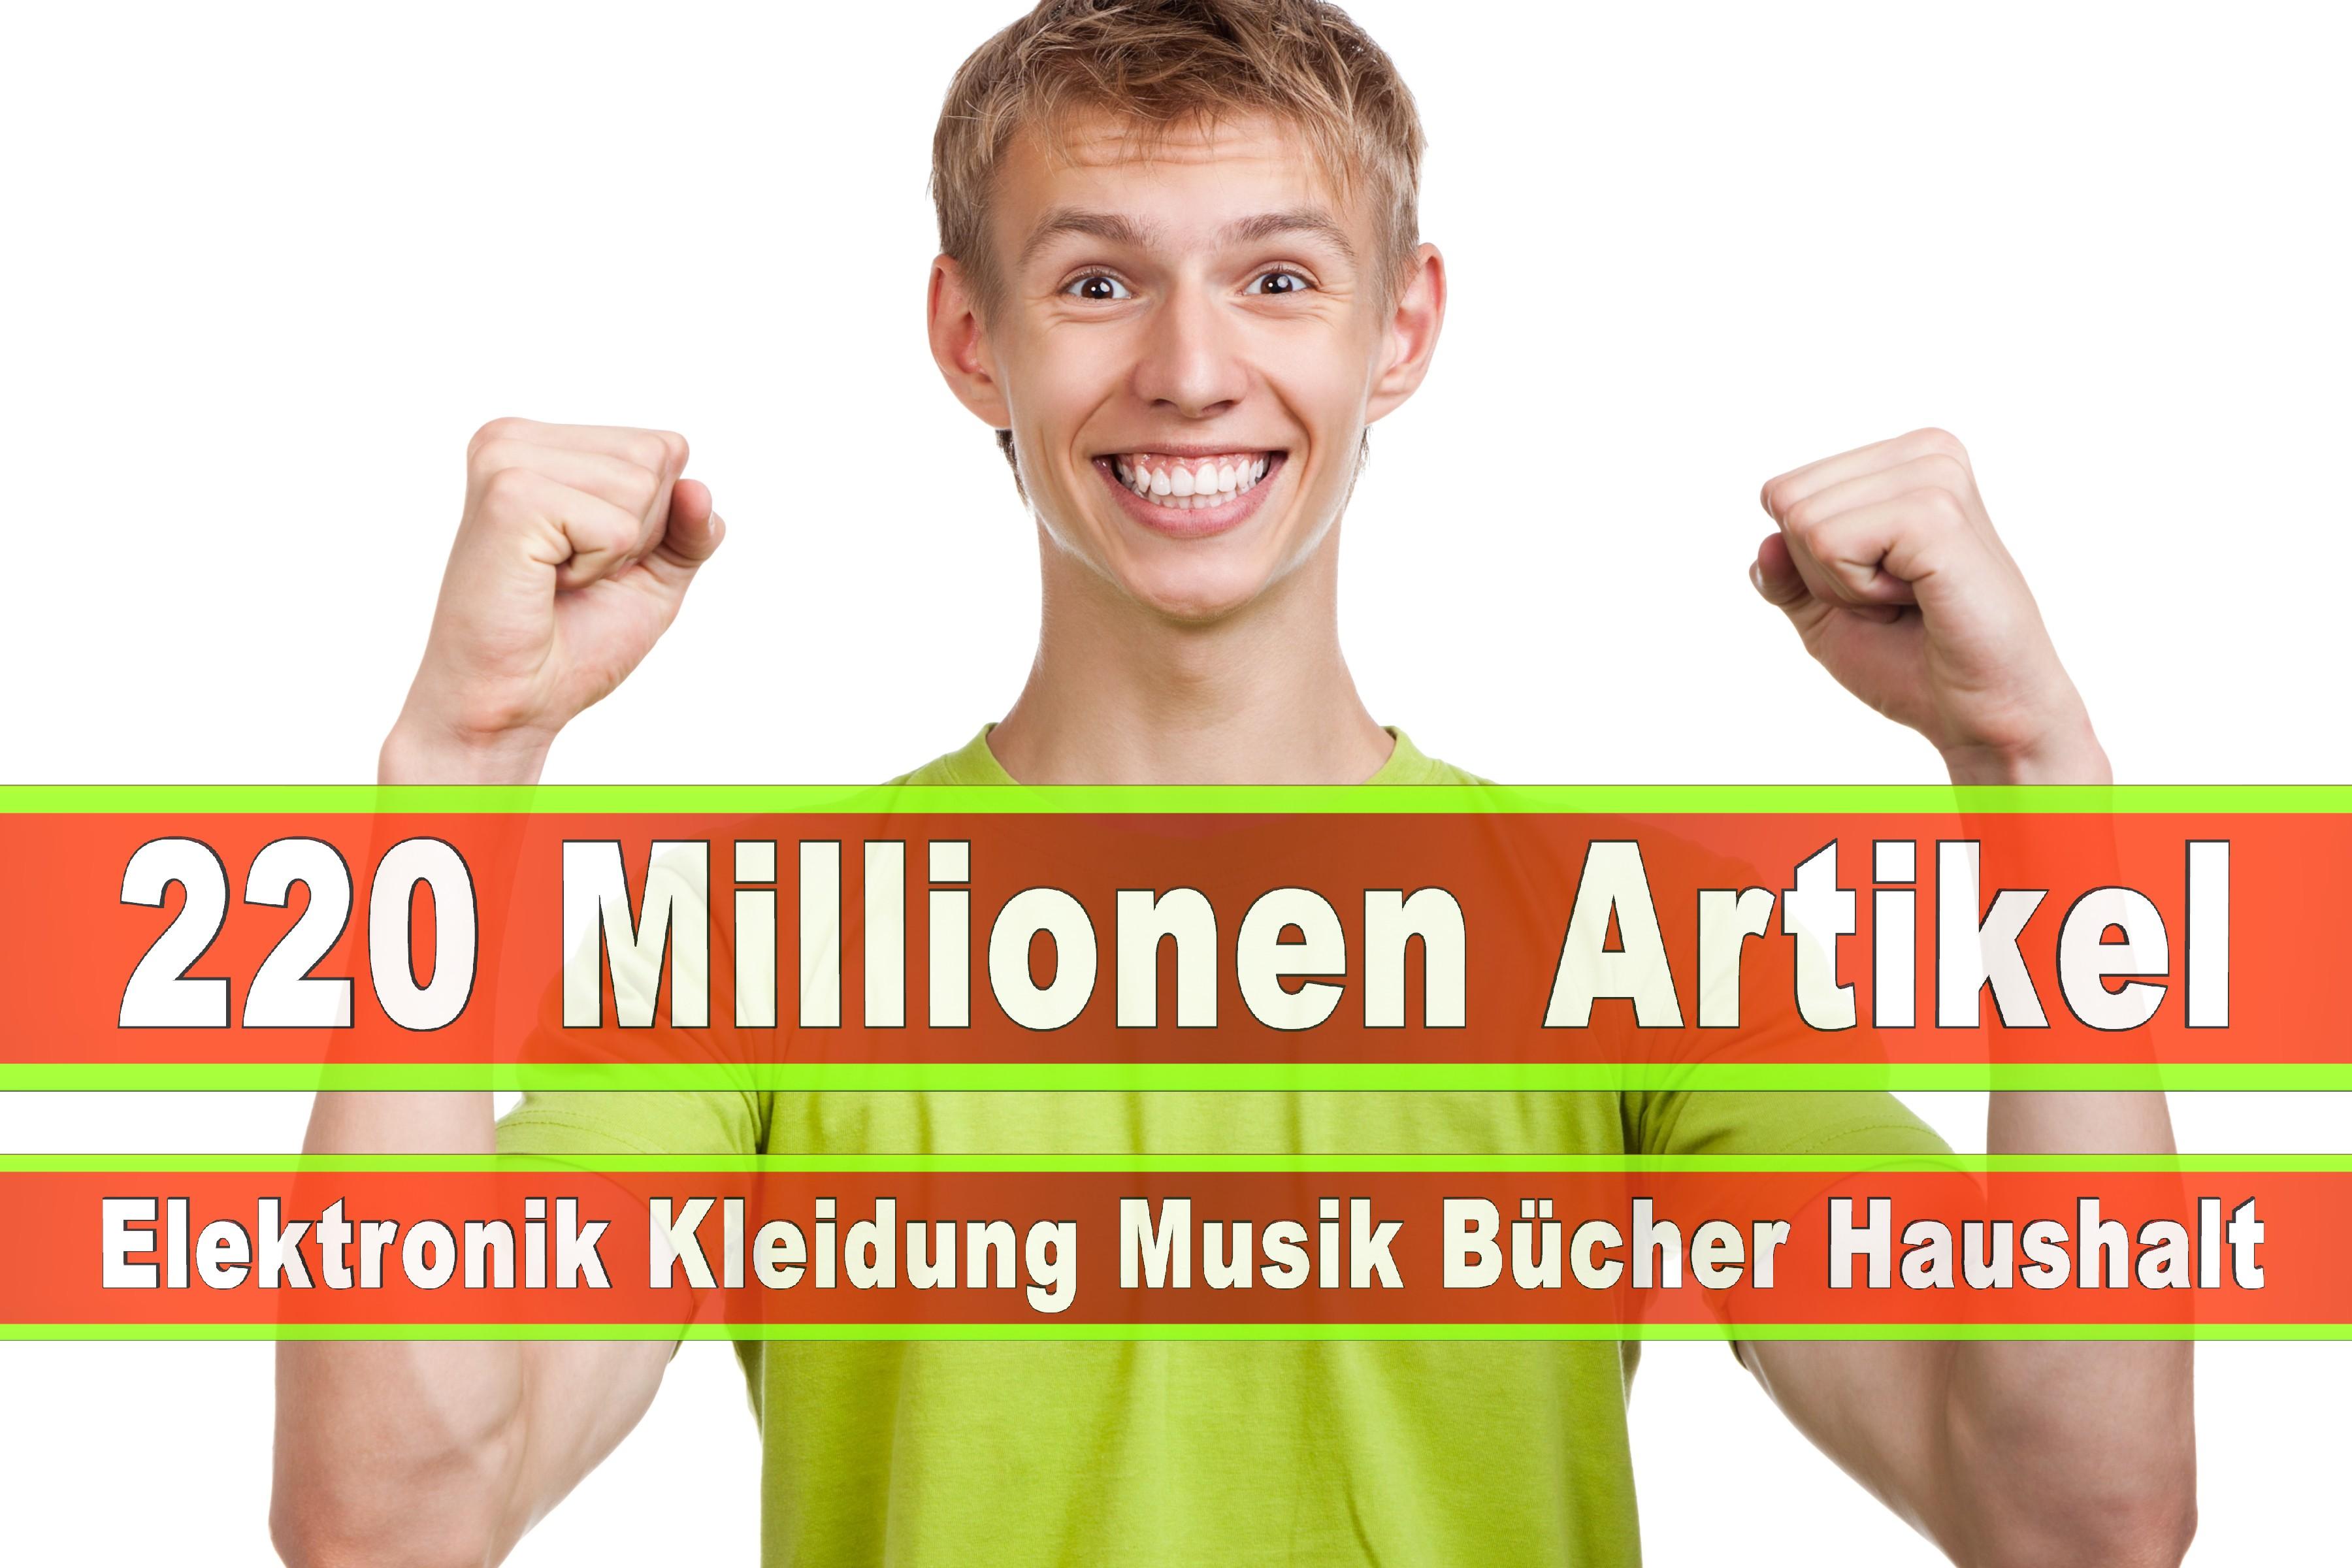 Amazon Elektronik Musik Haushalt Bücher CD DVD Handys Smartphones TV Television Fernseher Kleidung Mode Ebay Versandhaus (68)